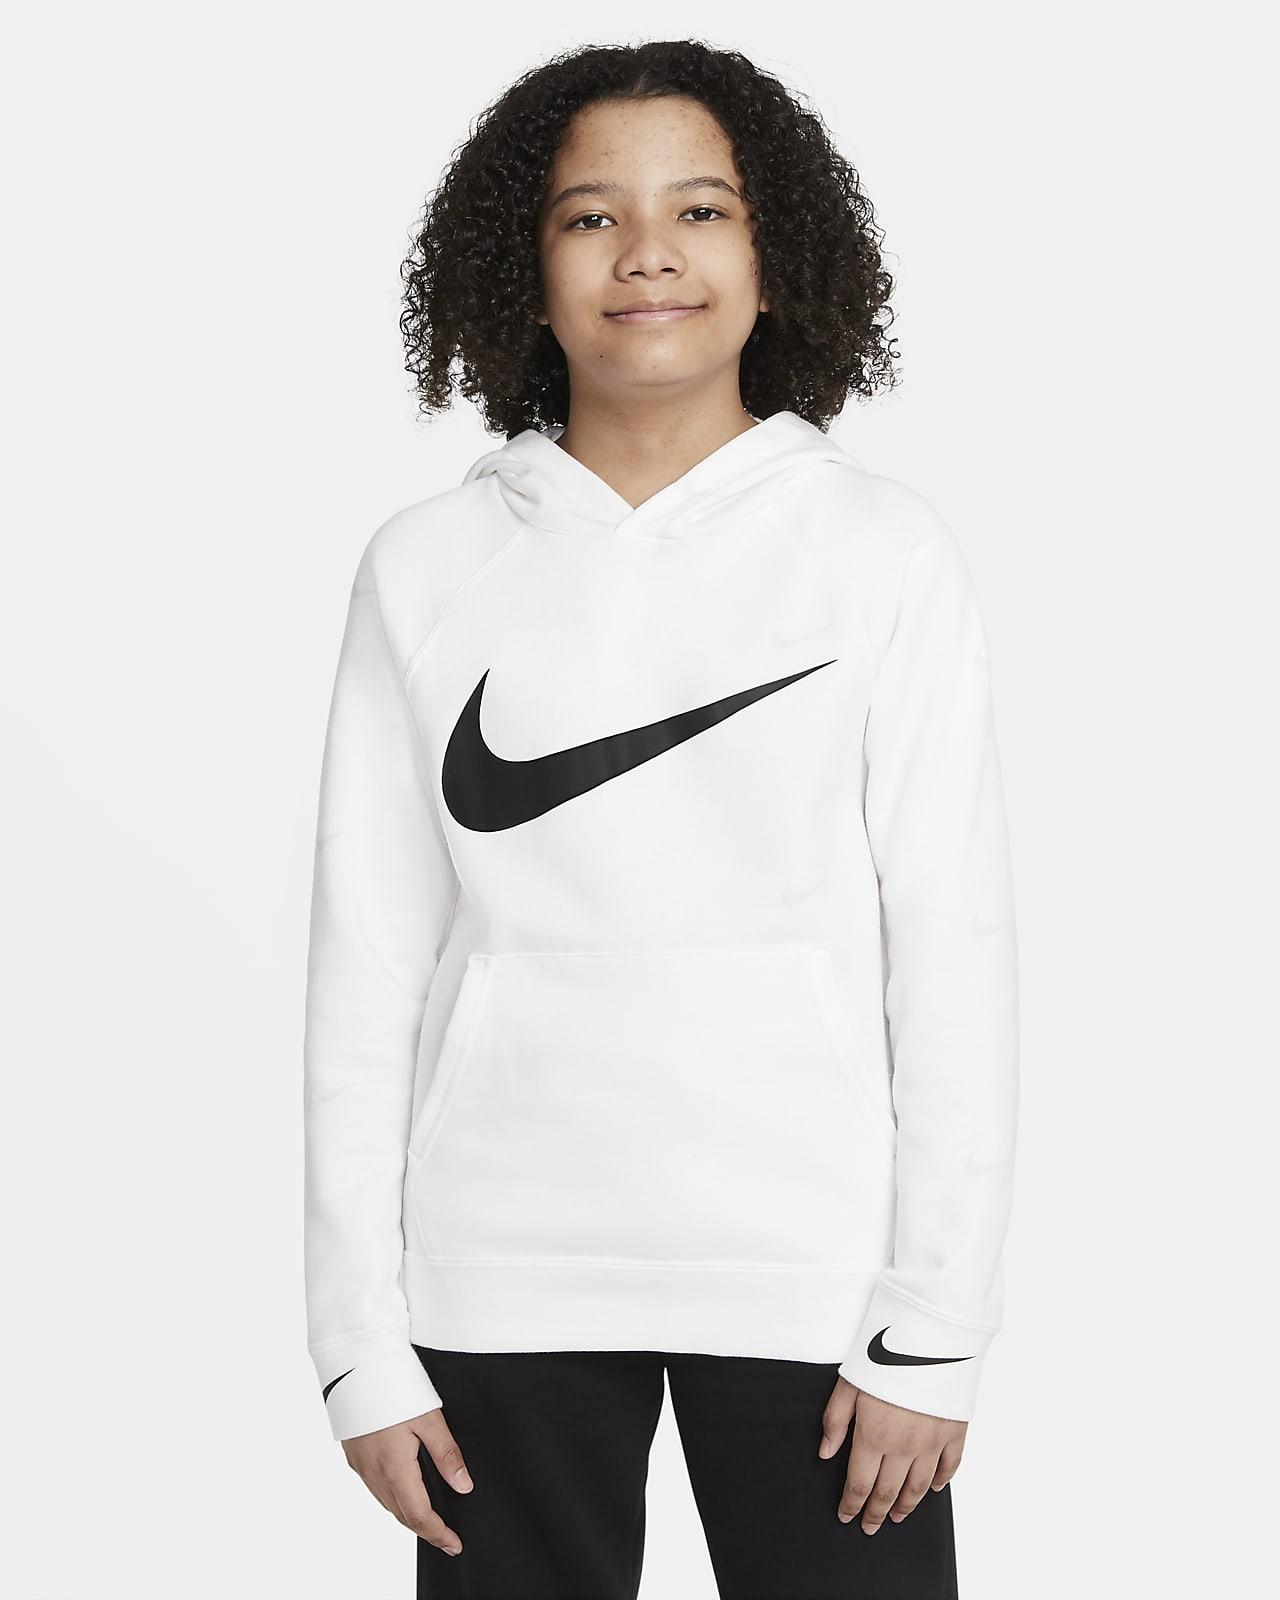 Худи для мальчиков школьного возраста Nike Sportswear Swoosh